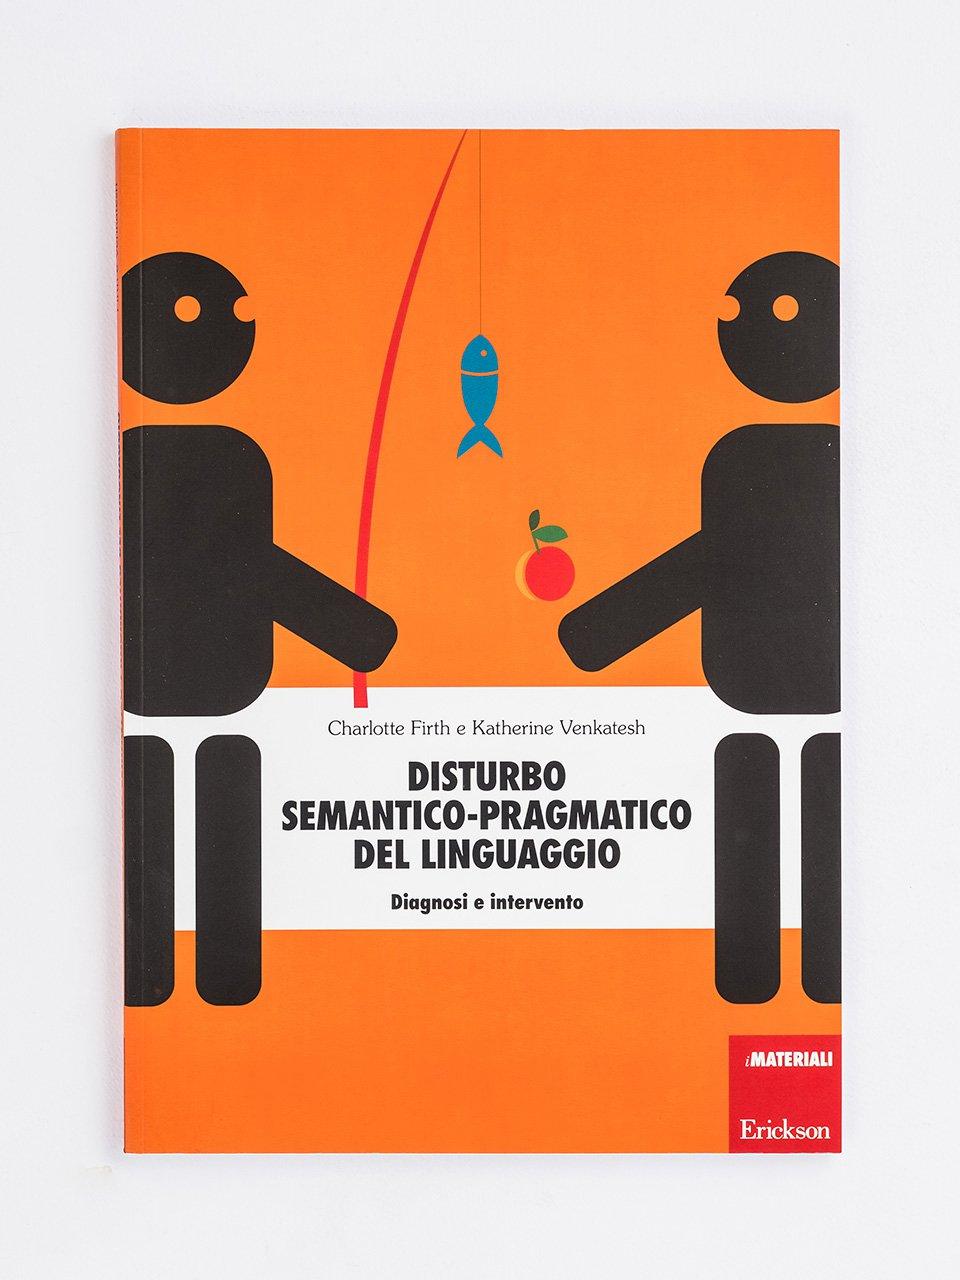 Disturbo semantico-pragmatico del linguaggio - Logopedia e comunicazione - corso online 25 ECM - Formazione - Erickson